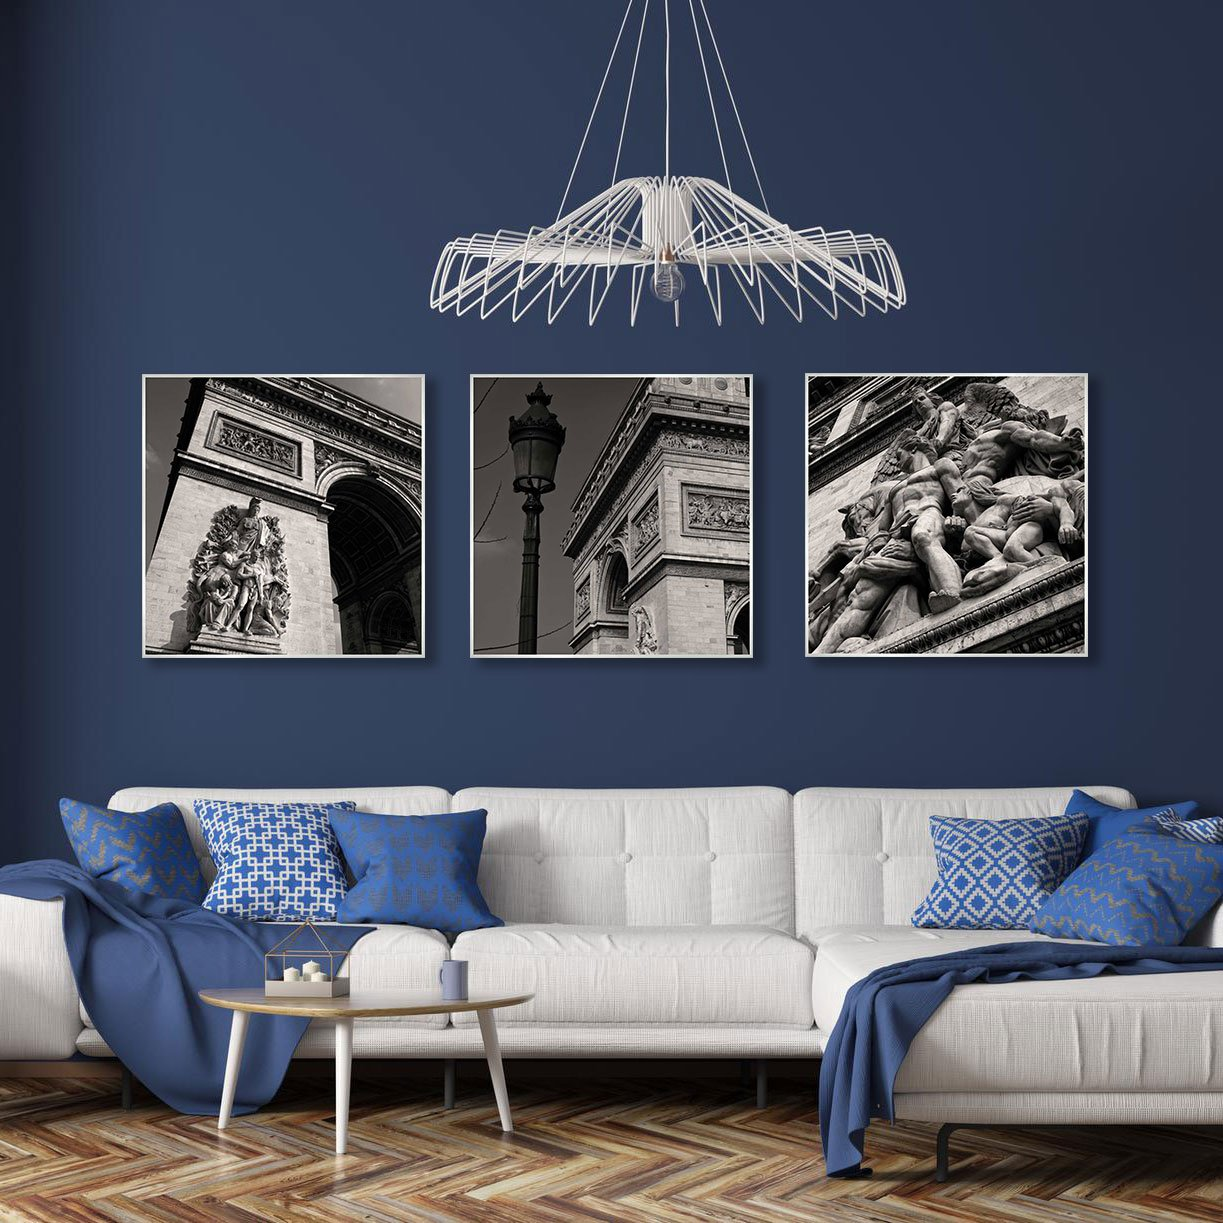 Quadro Arquitetura Arco do Trunfo por Dorival Moreira 50x50 cm